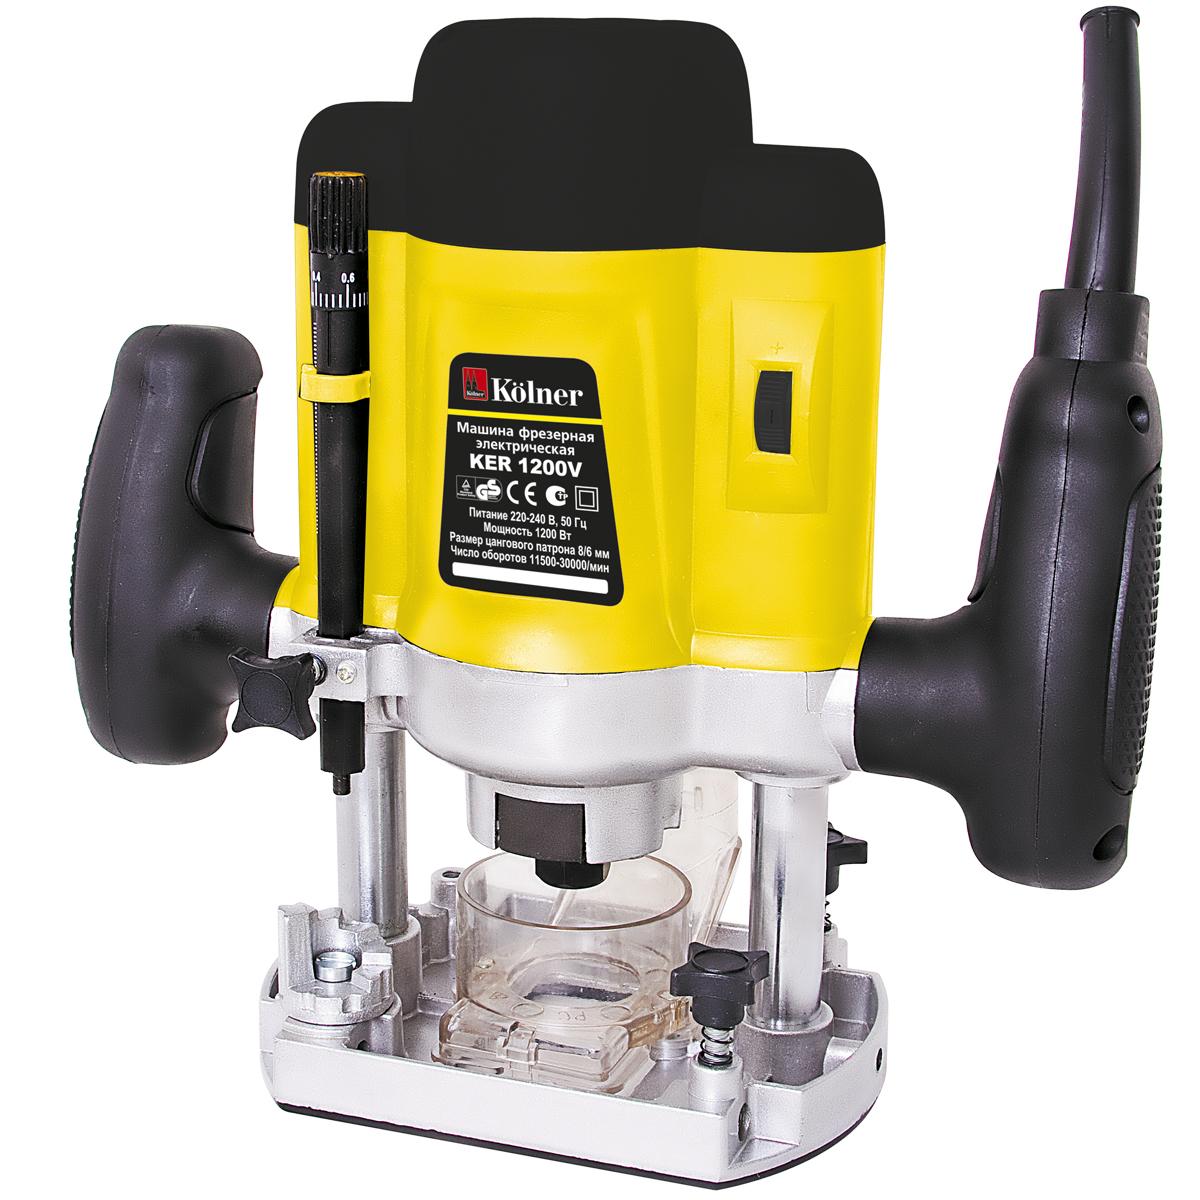 Машина фрезерная Kolner KER 1200V, электрическаякн1200верФрезерная машина Kolner KER 1200V предназначена для выполнения различных пазов и вырезов в древесных структурах и подобных нетвердых материалах.Линейка на корпусе фрезерной машины позволяет определить точную глубину фрезерования. Прочная литая опора из алюминия со специальным покрытием обеспечивает отличное скольжение заготовки и предотвращает появление царапин. Фрезерная машина имеет возможность подключения к пылесосу для чистоты обработки.